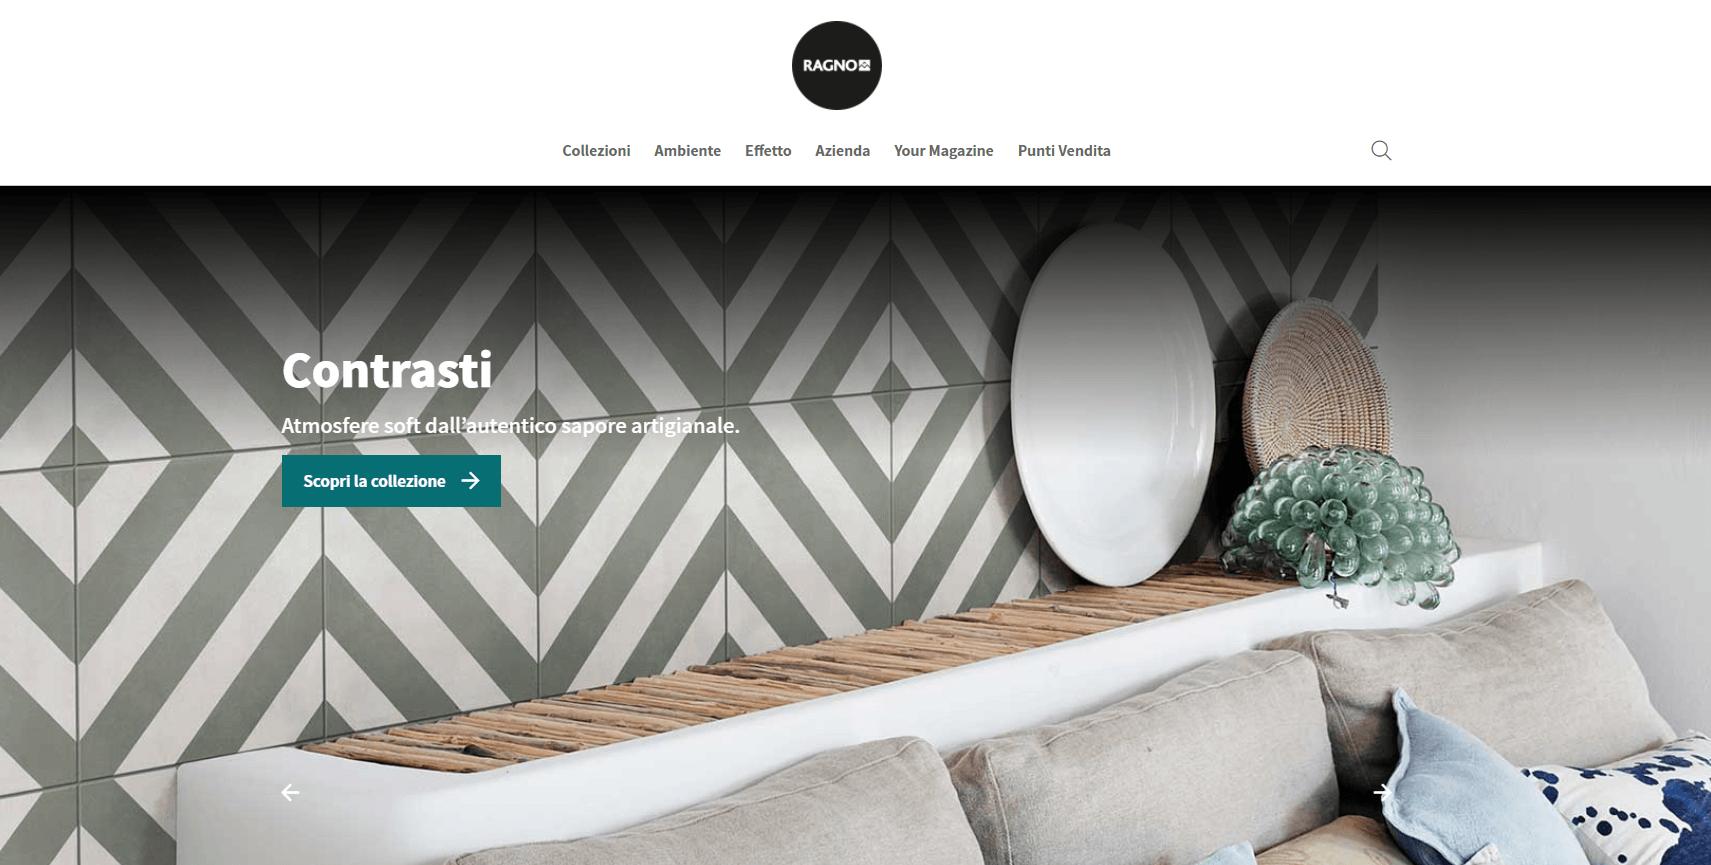 Nova página web da Ragno Ceramiche totalmente renovada